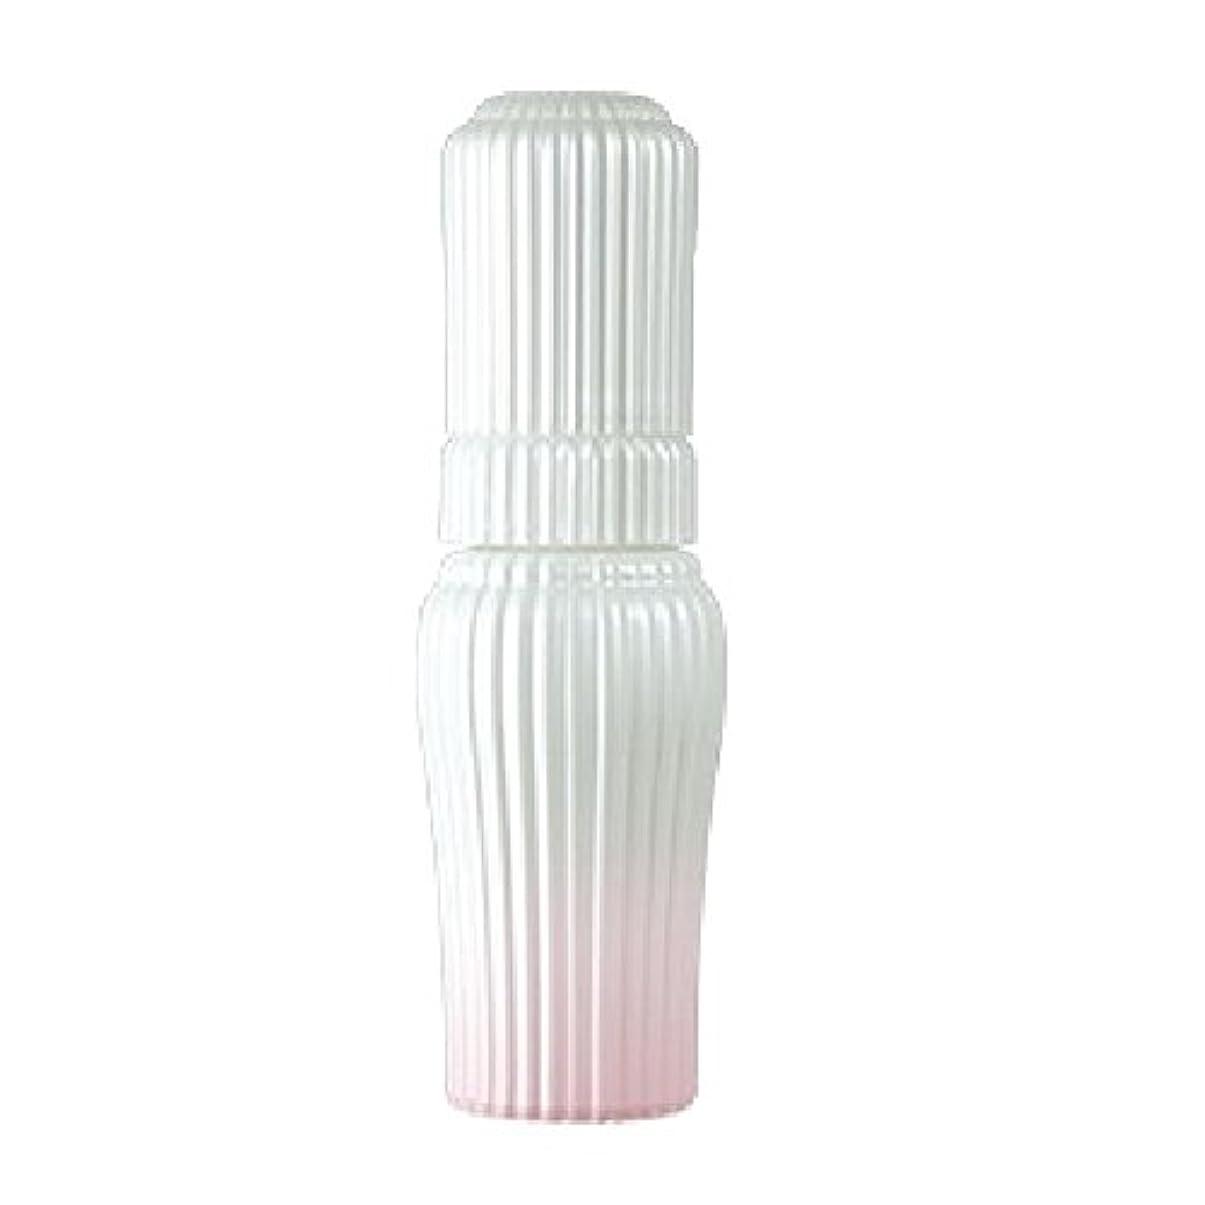 不忠シリンダー深くアユーラ (AYURA) fサインディフェンス ホワイトニングセラム(医薬部外品) 40mL 〈敏感肌用 美白 美容液〉 薬用美白液